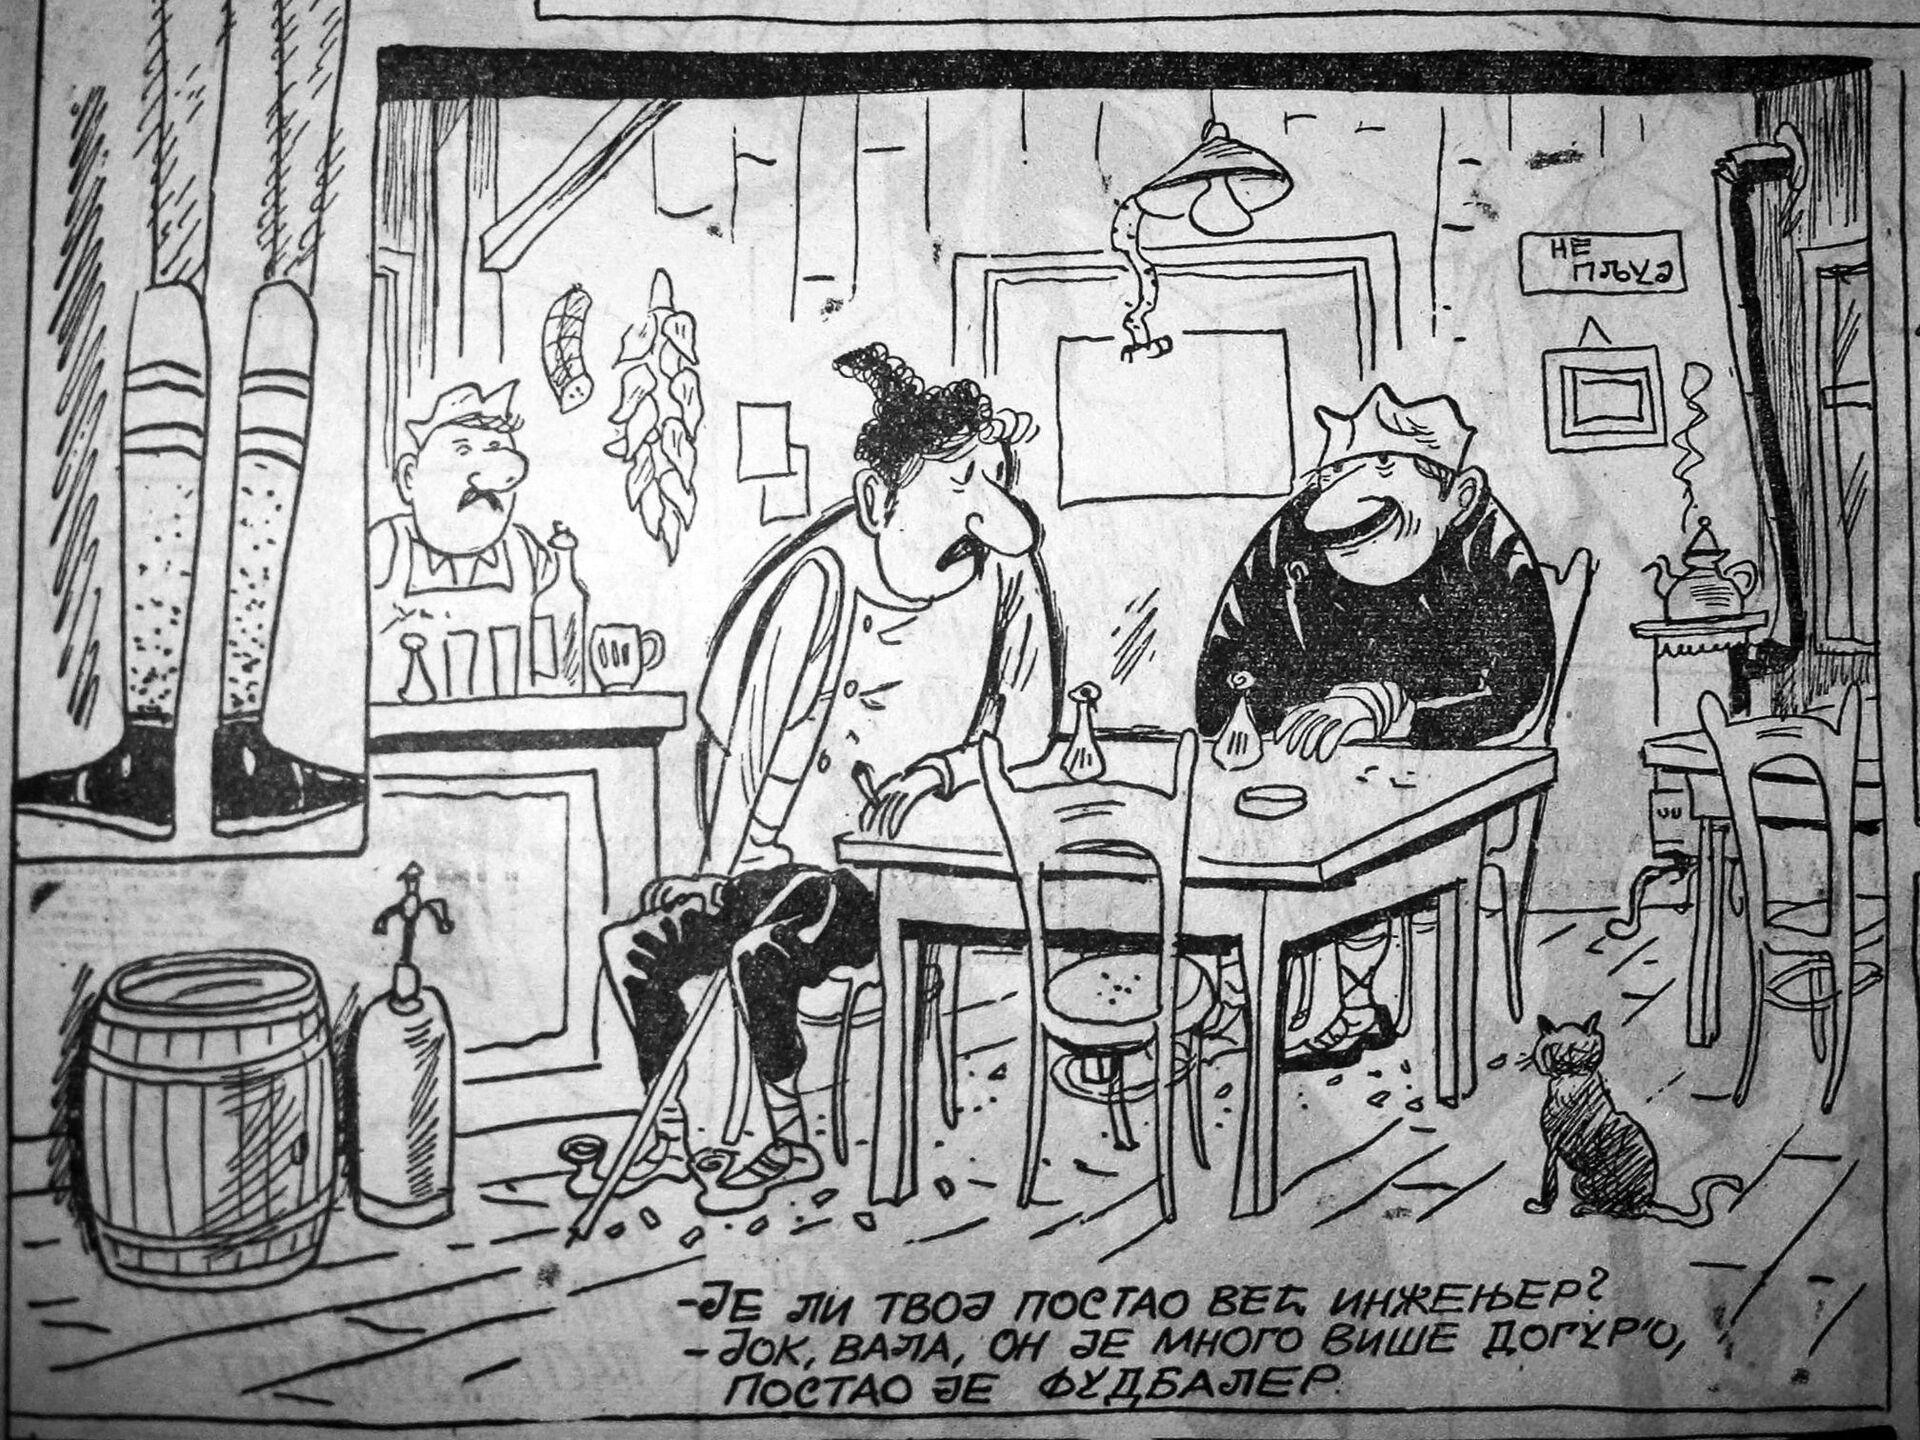 """Хипик са шајкачом на глави: Сељак у карикатури """"Јежа"""" нацртан свуда са препознатљивим знаком   - Sputnik Србија, 1920, 16.02.2021"""